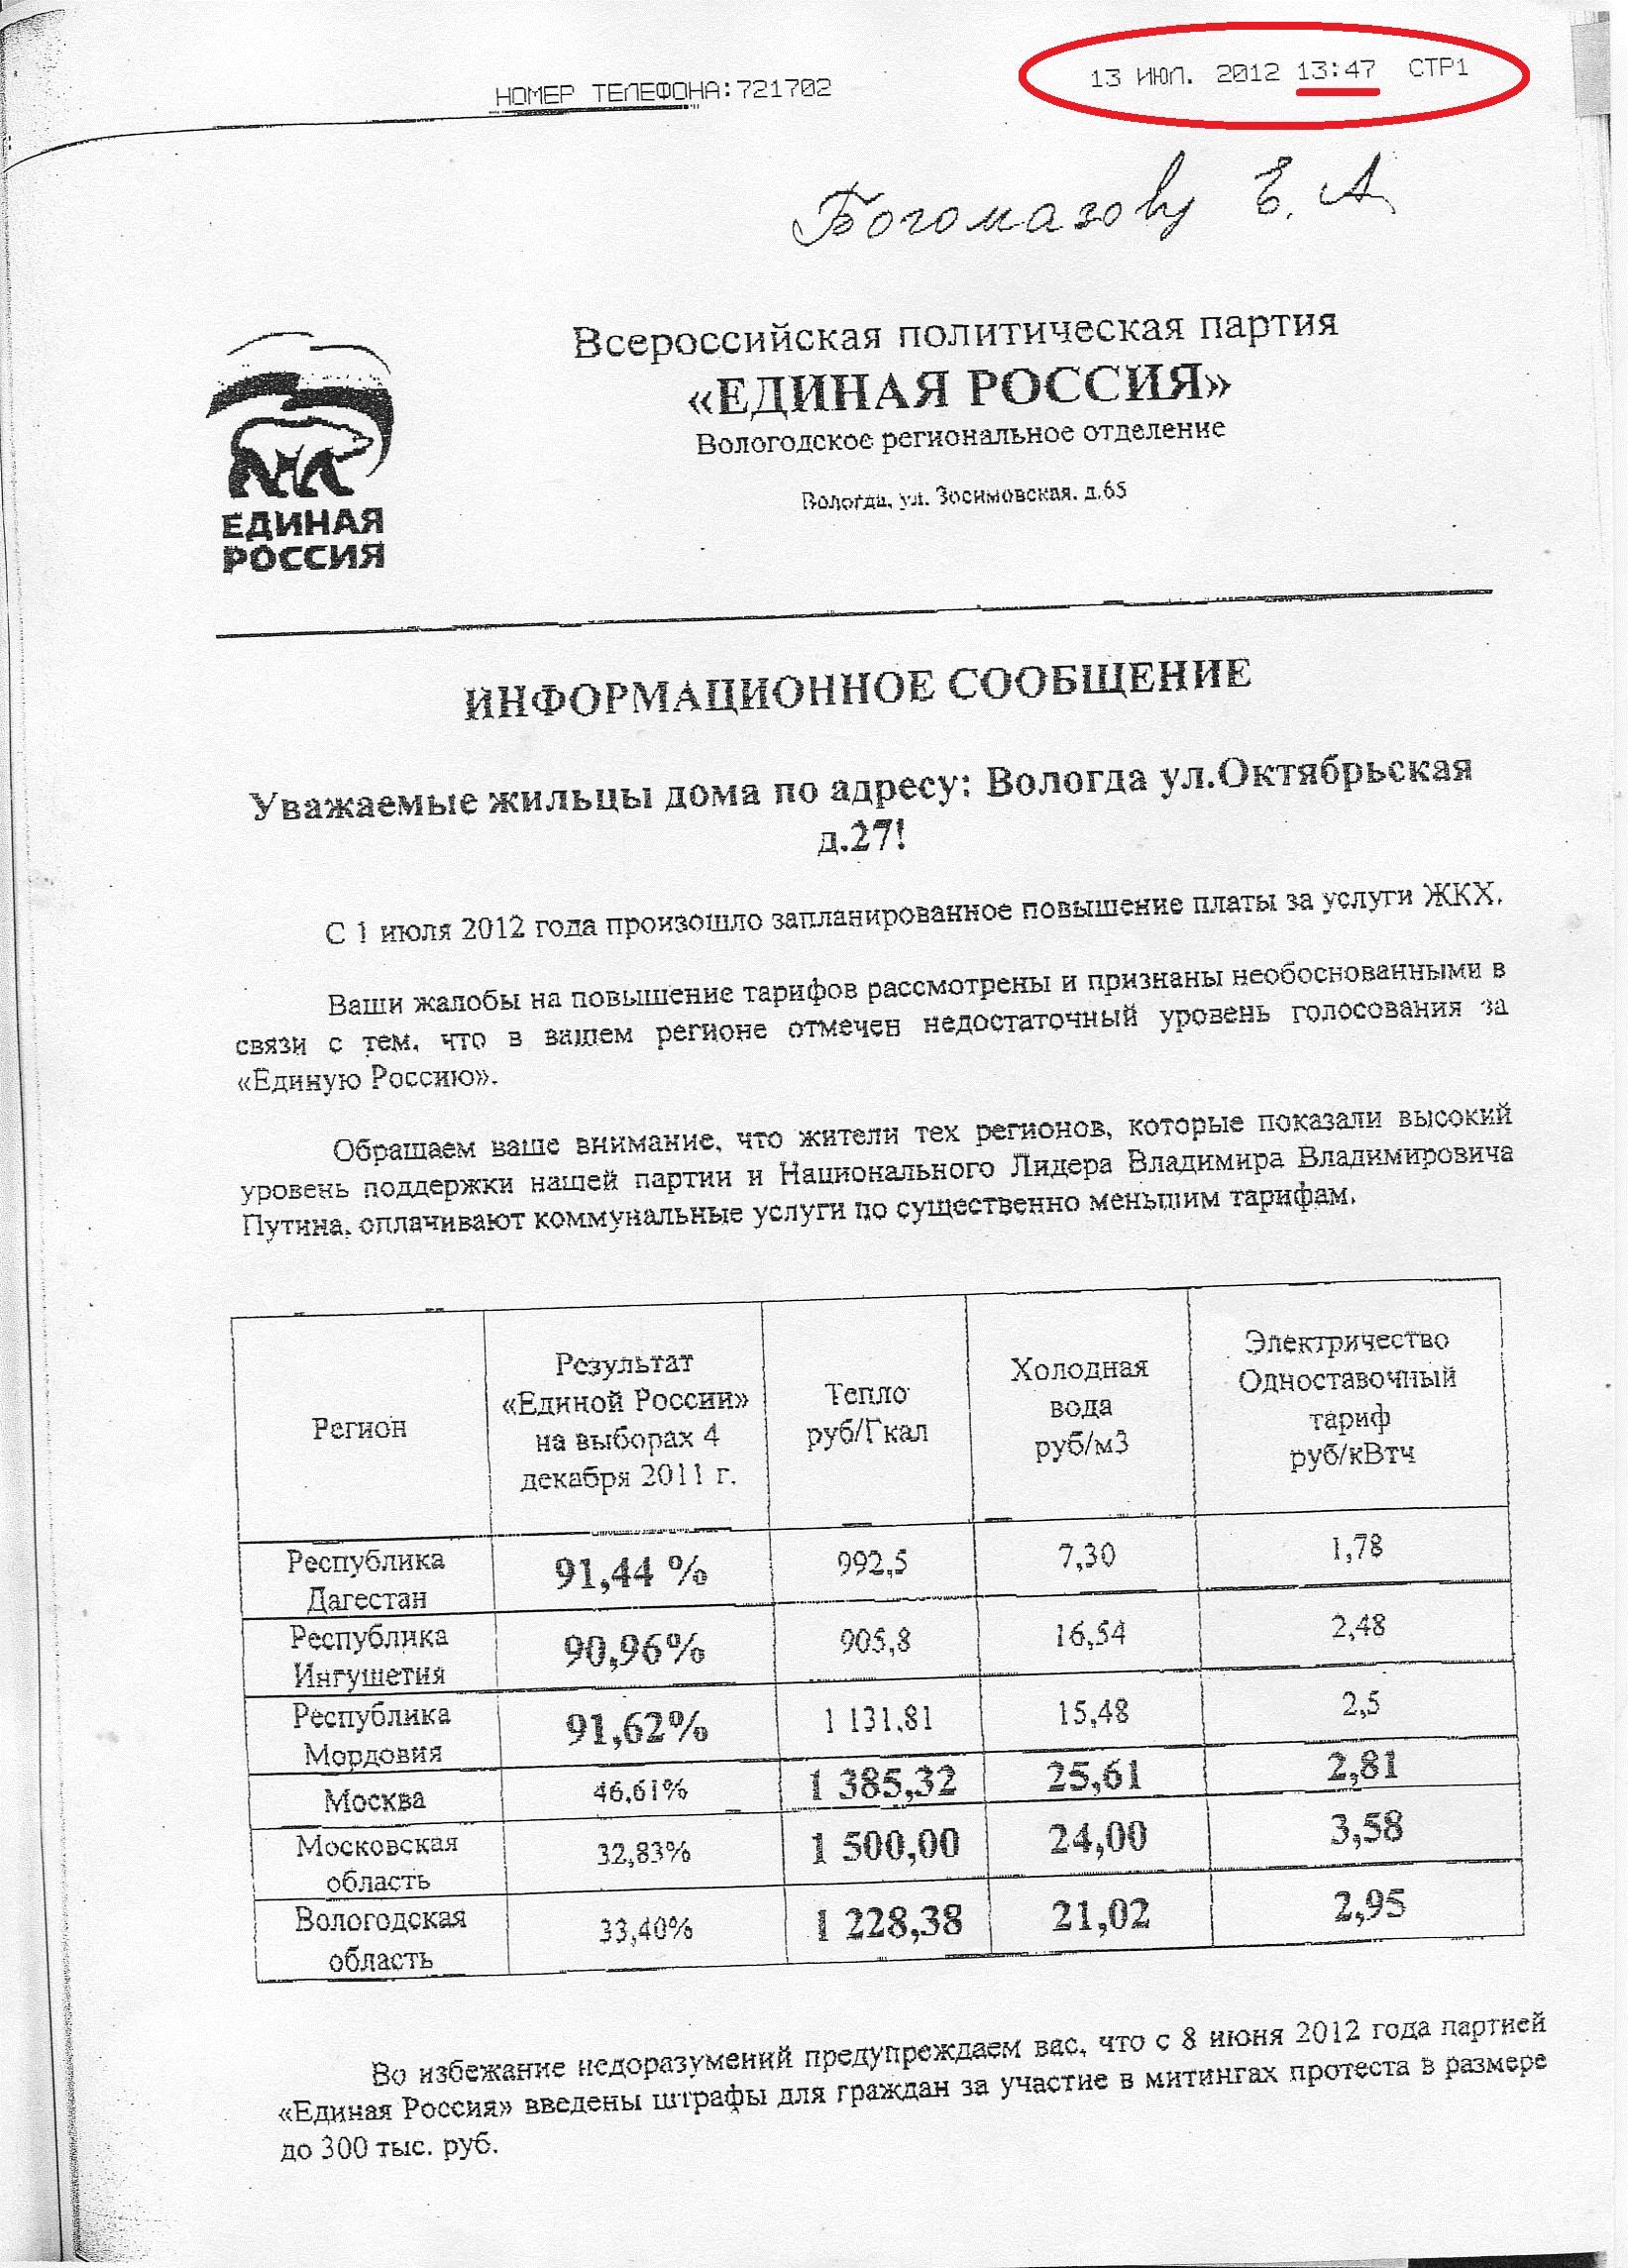 поддельная листовка от имени Единой России